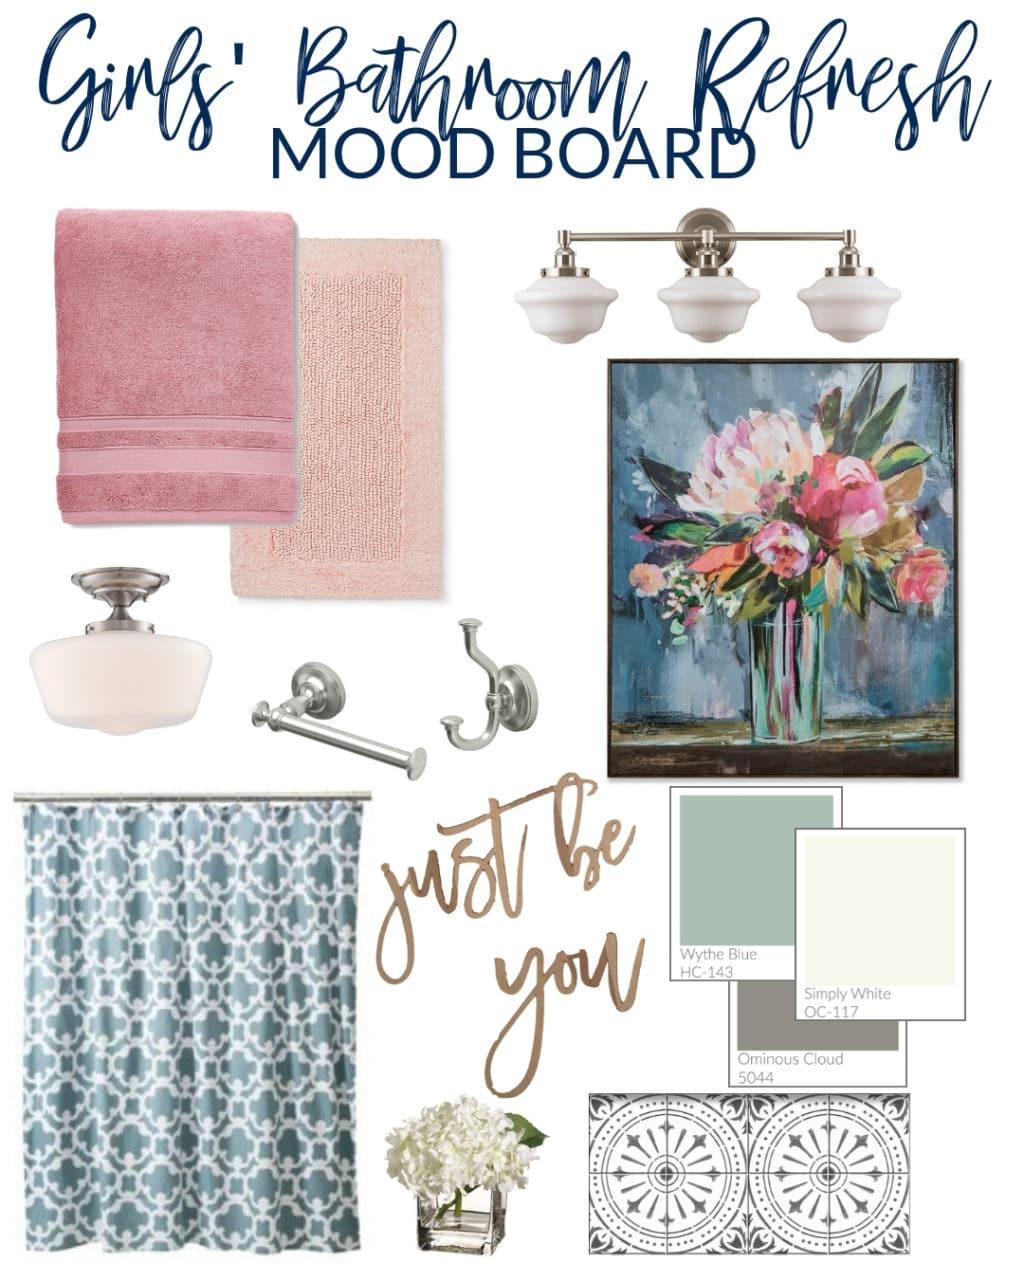 Girls' Bathroom Refresh Mood Board-2